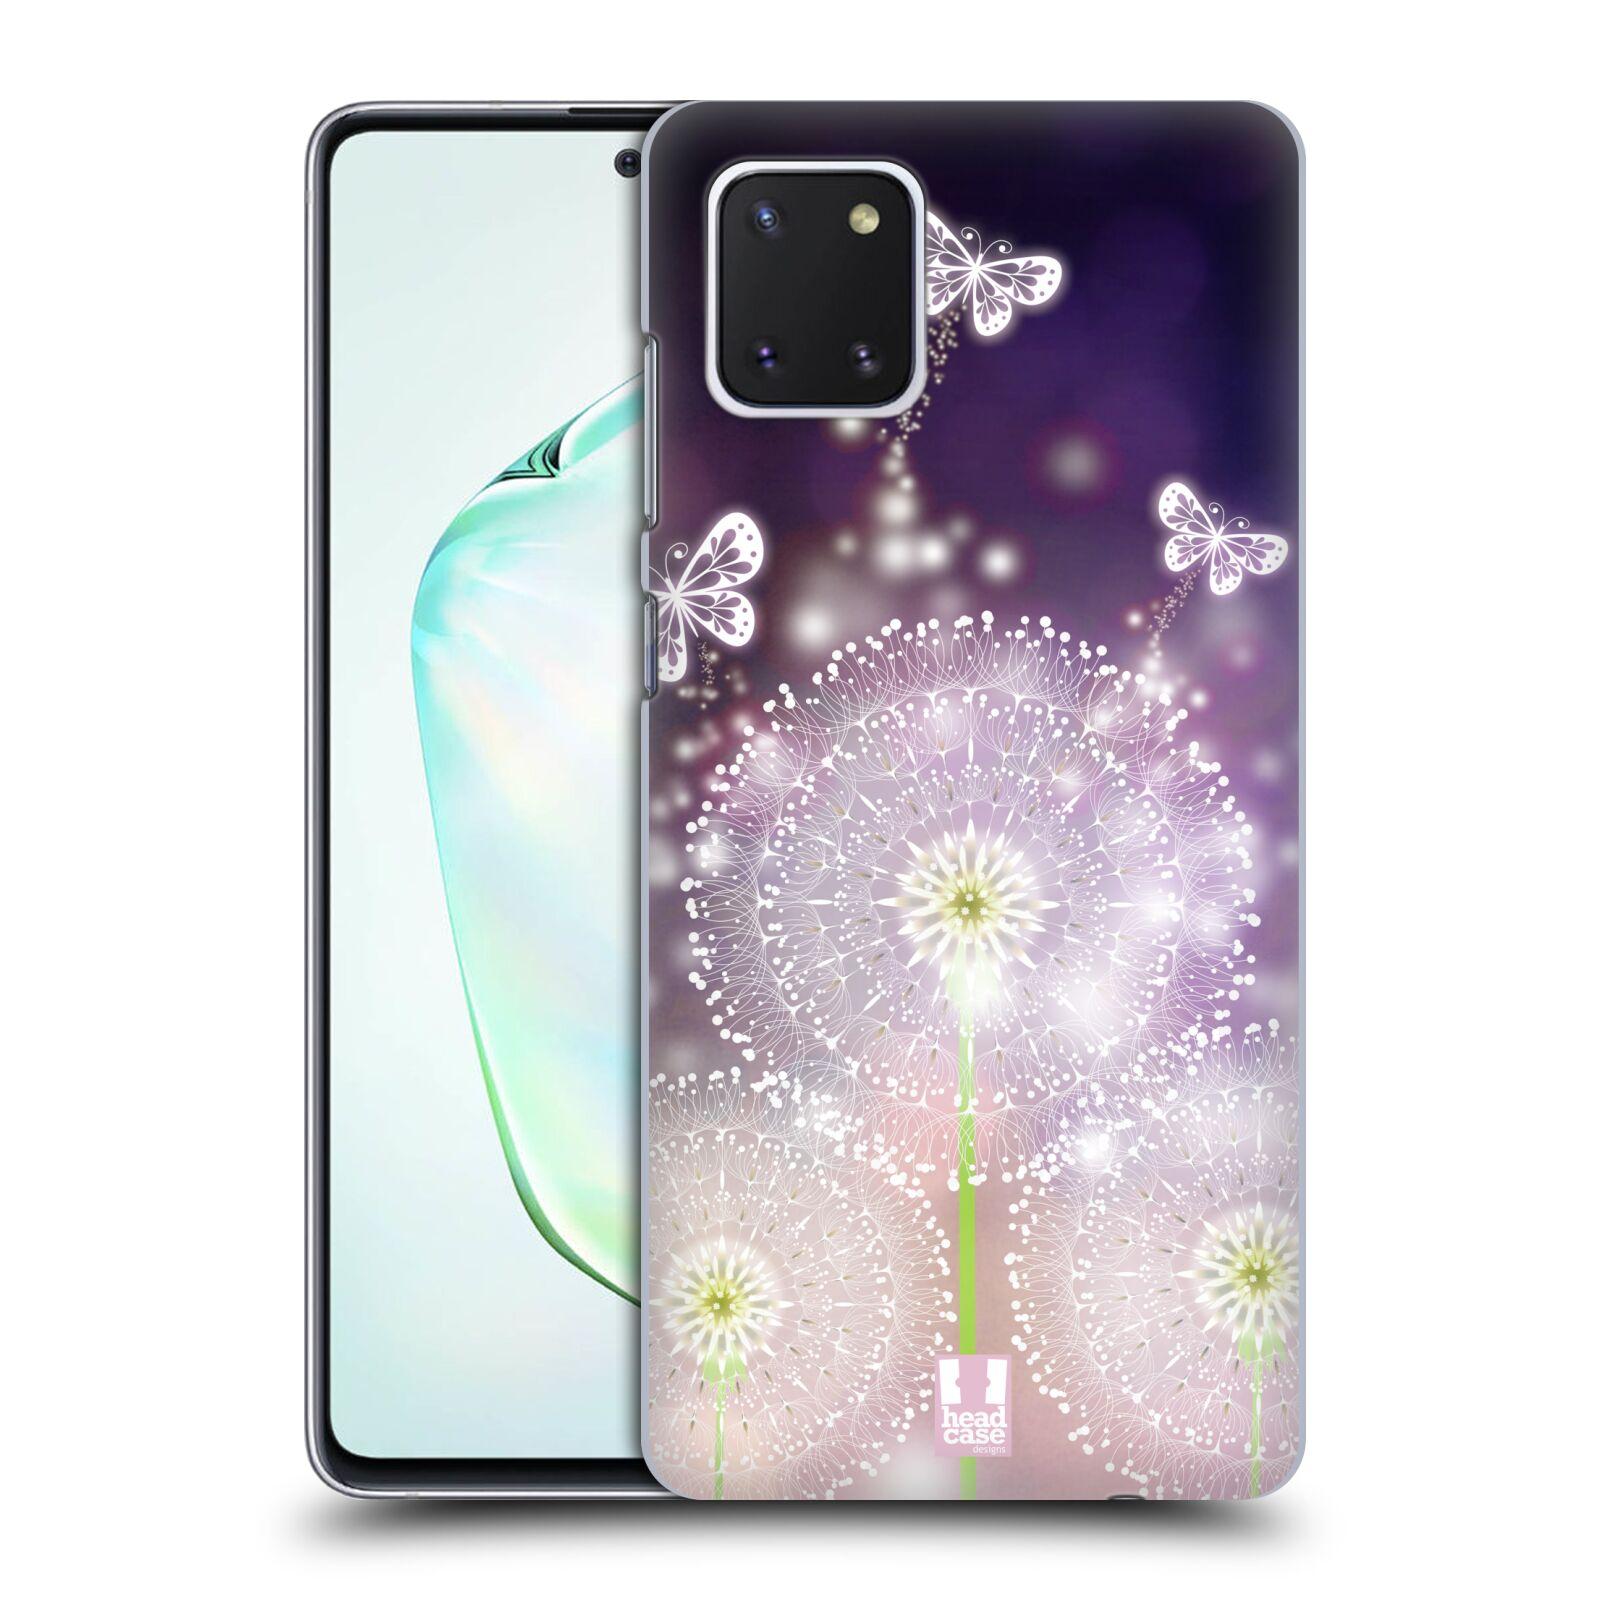 Plastové pouzdro na mobil Samsung Galaxy Note 10 Lite - Head Case - Pampelišky a Motýlci